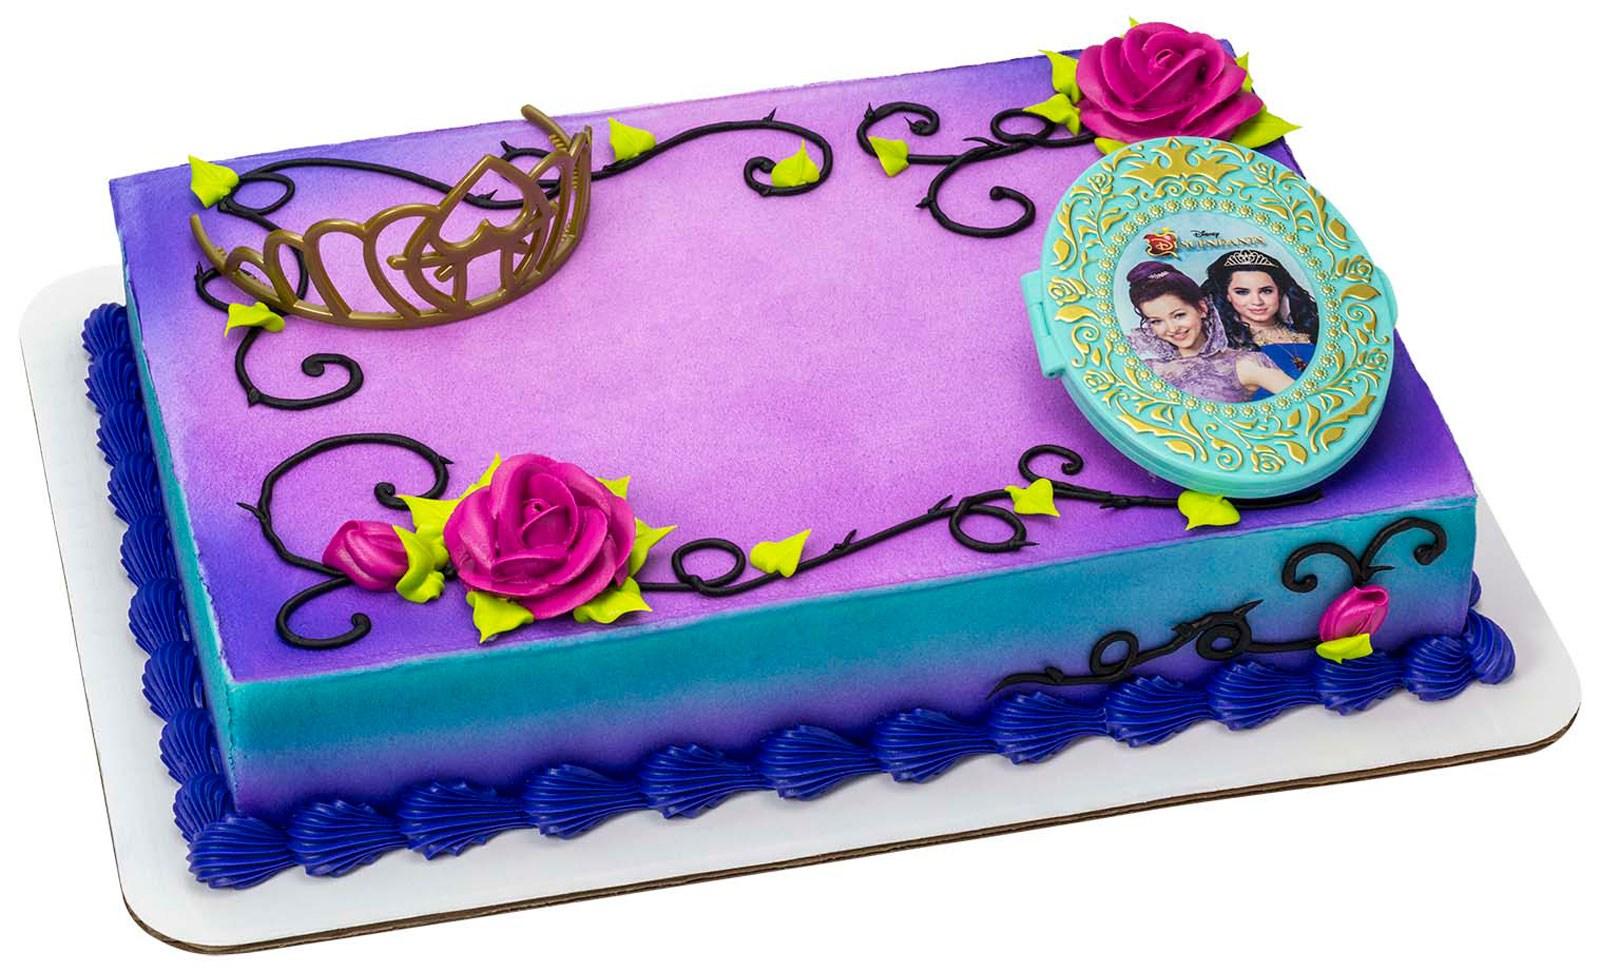 Disney Descendants Cake Topper 2 Pieces